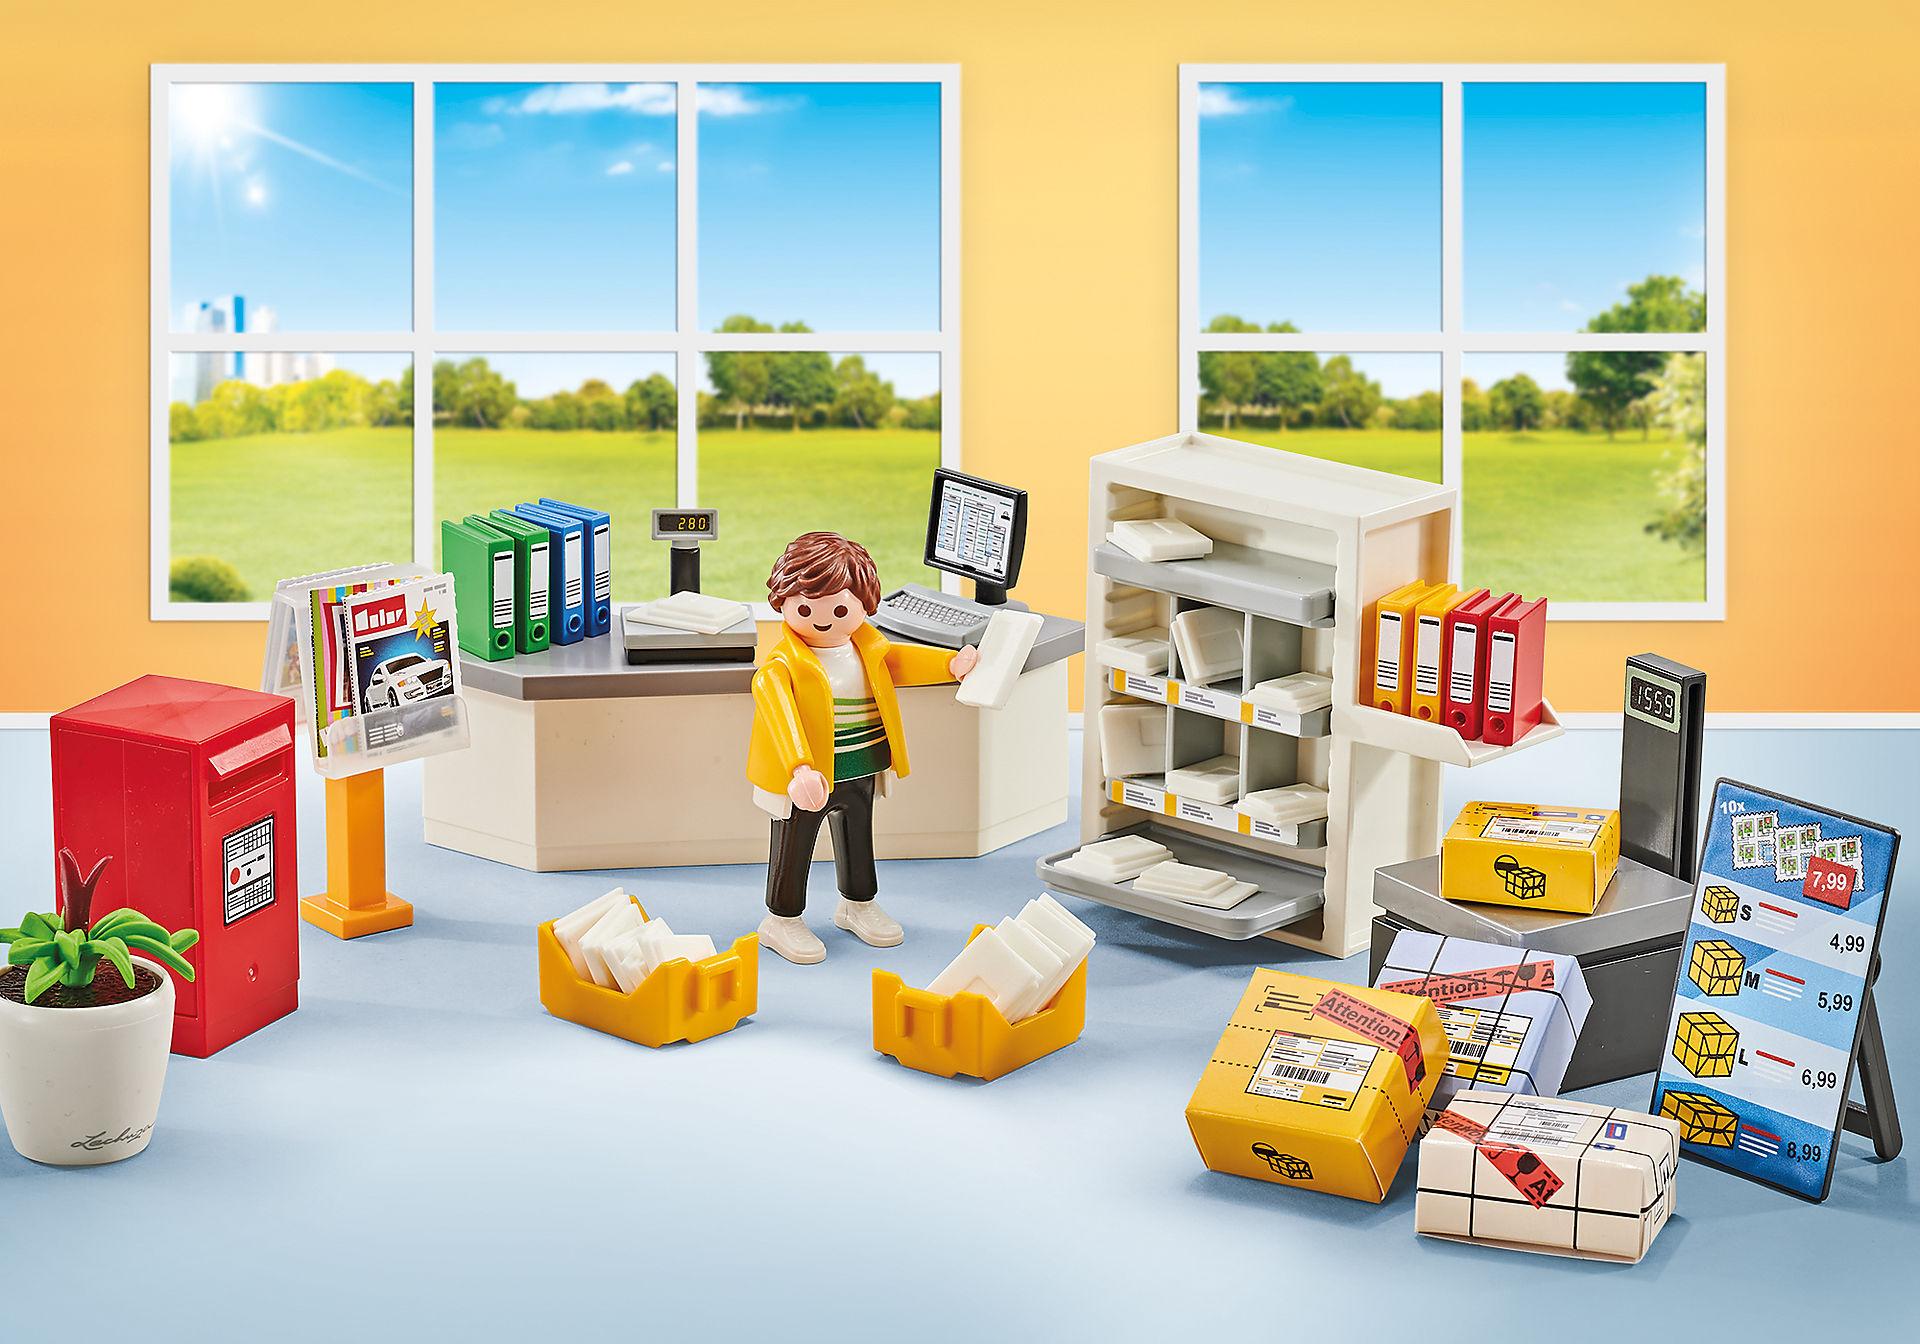 9859 Postkantoor zoom image1